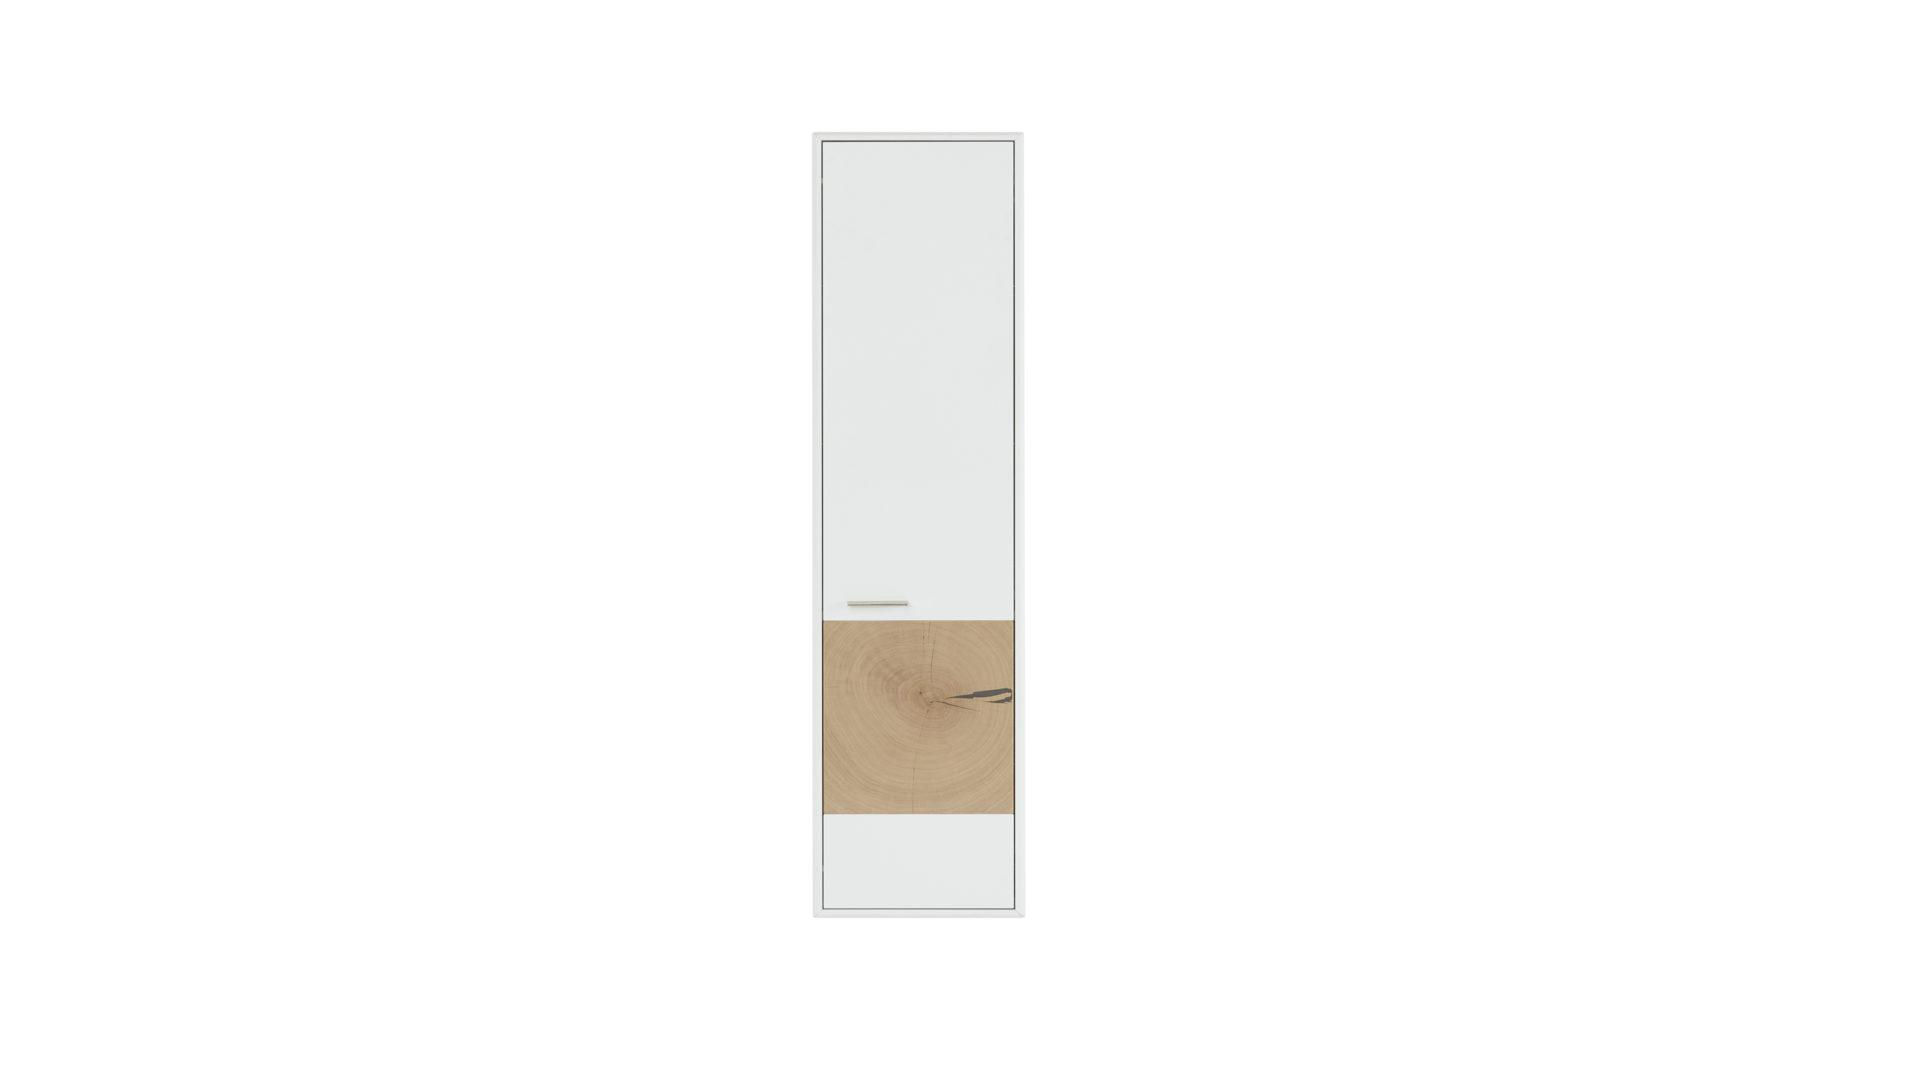 wohnland breitwieser mobel a z badmobel interliving interliving wohnzimmer serie 2102 hangeschrank helles asteiche furnier weisser mattlack eine